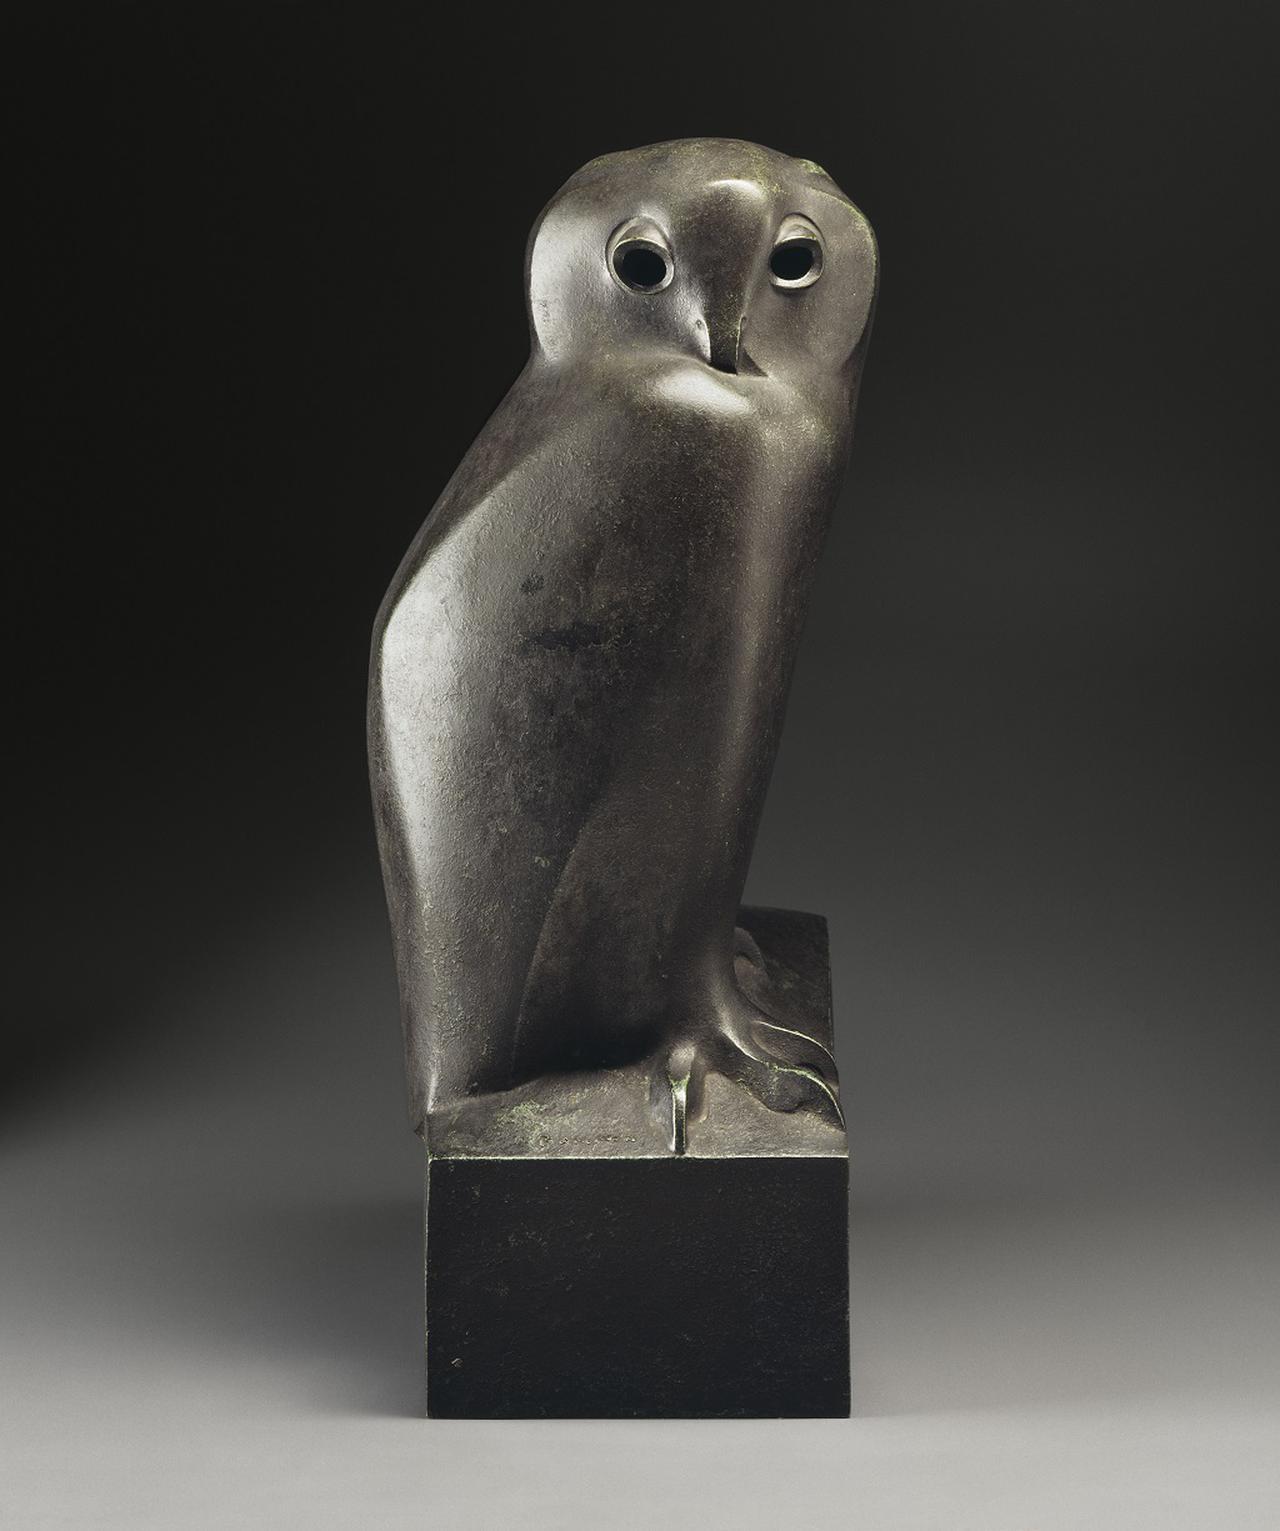 画像: 《ワシミミズク》1927-1930年 パリ、オルセー美術館蔵 © RMN-Grand Palais (musée d'Orsay) / A. Morin / Gallimard / distributed by AMF